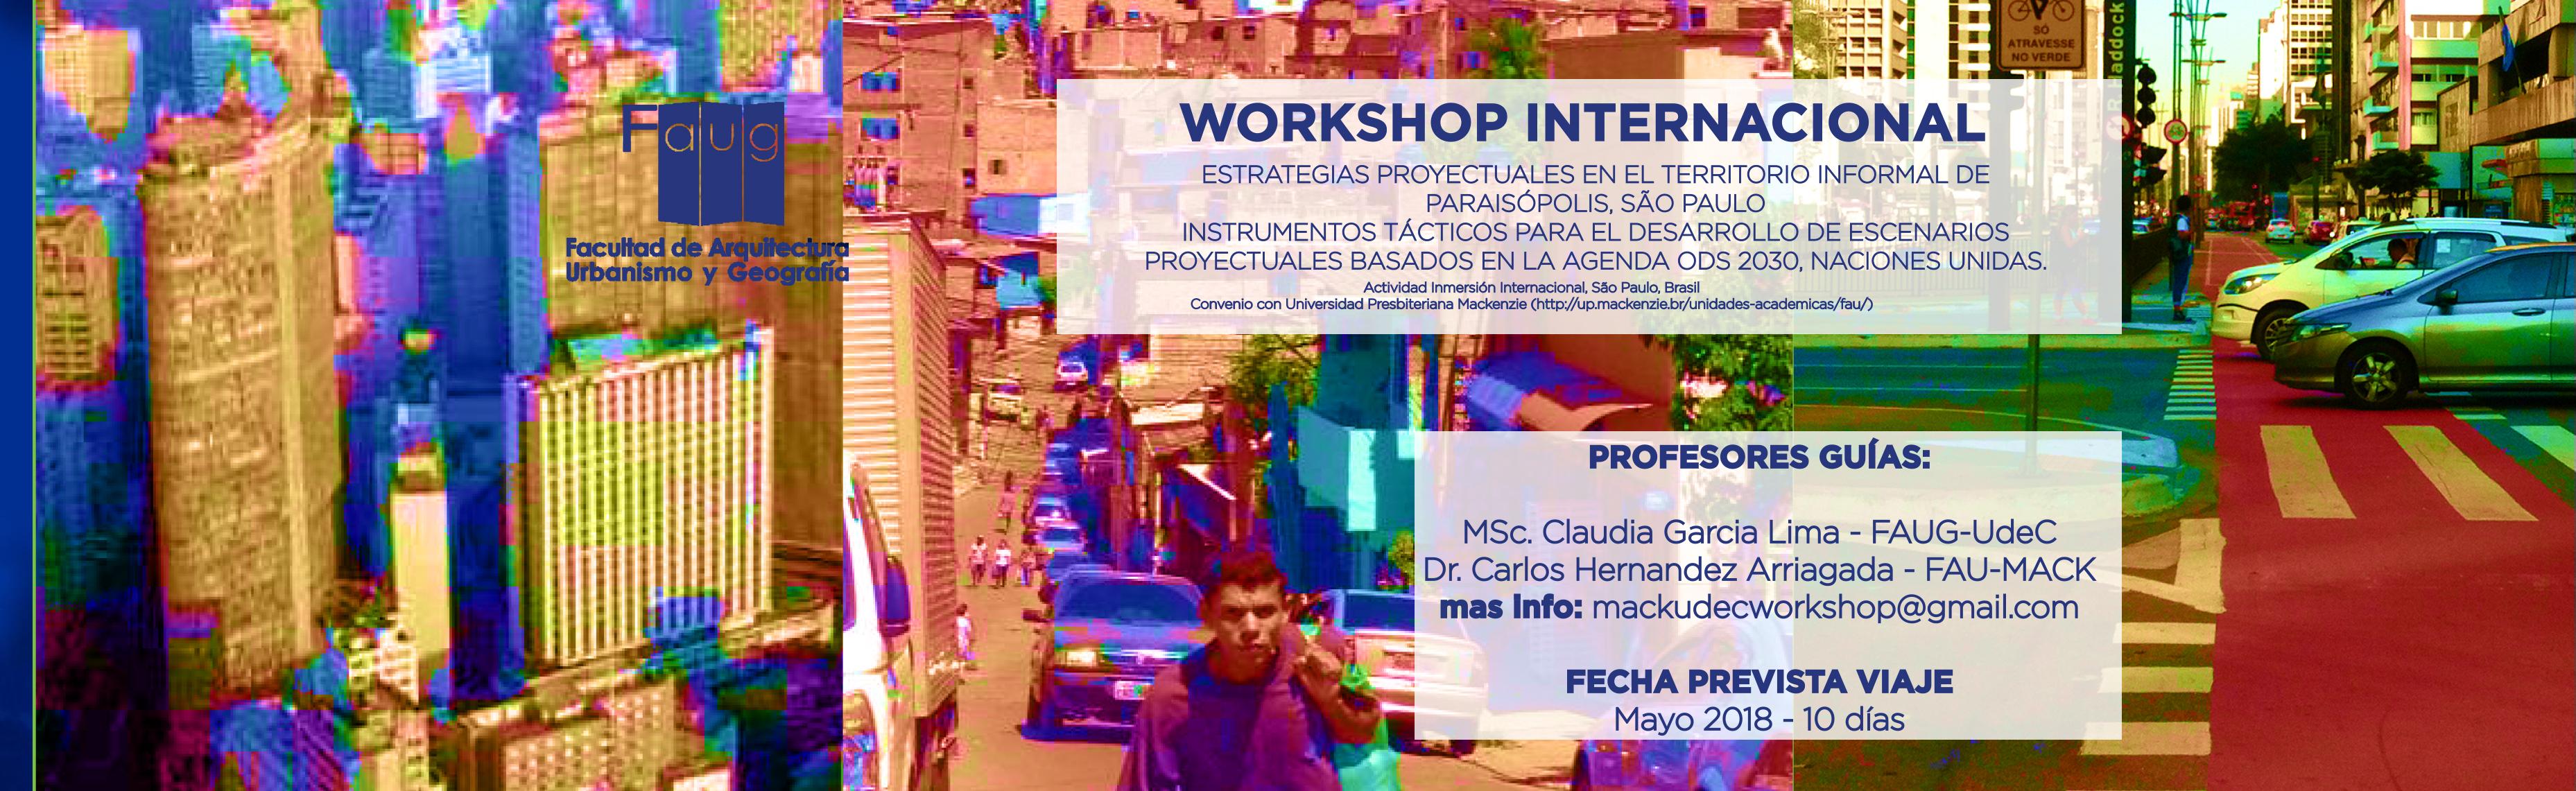 noticia-para-web-workshop-intenacional